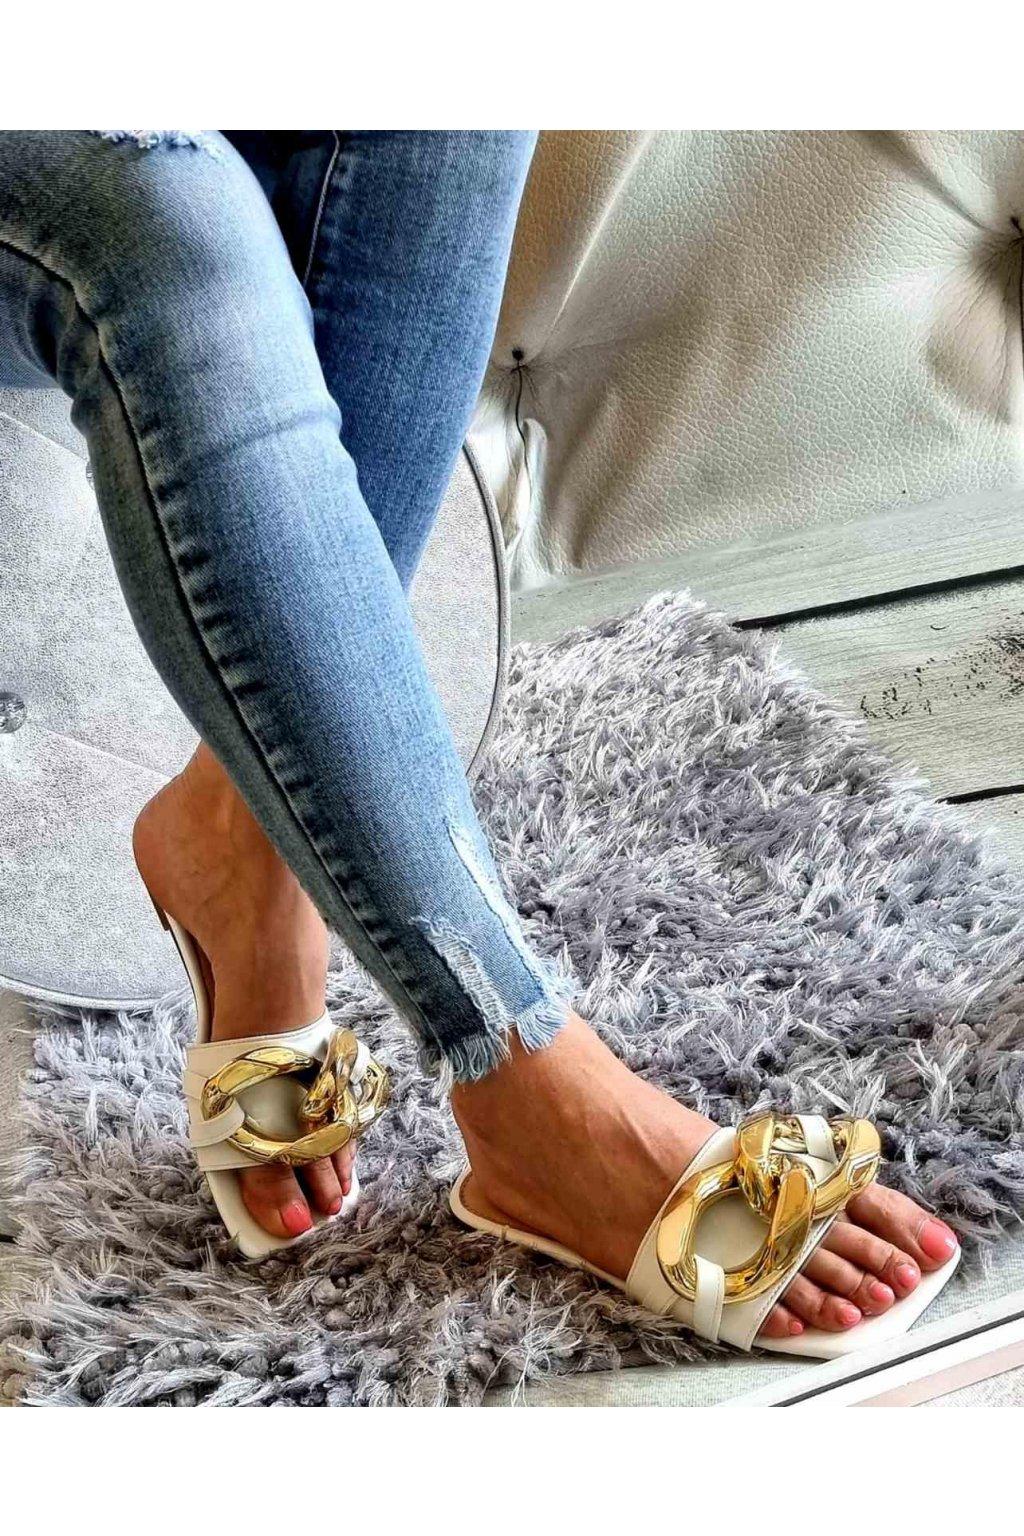 pantofle bílé trendy s přeskou